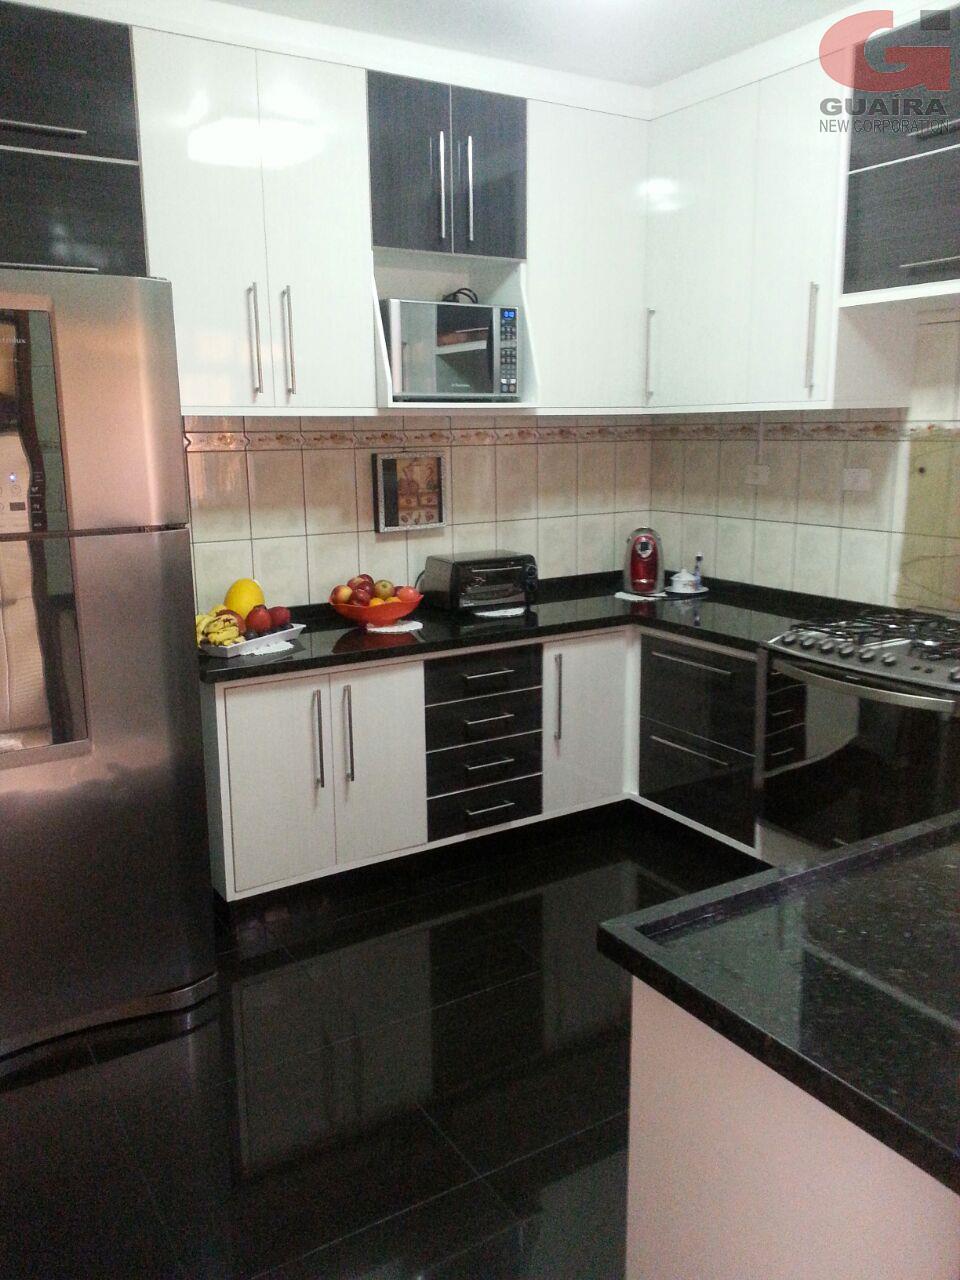 Casa de 2 dormitórios à venda em Piraporinha, Diadema - SP